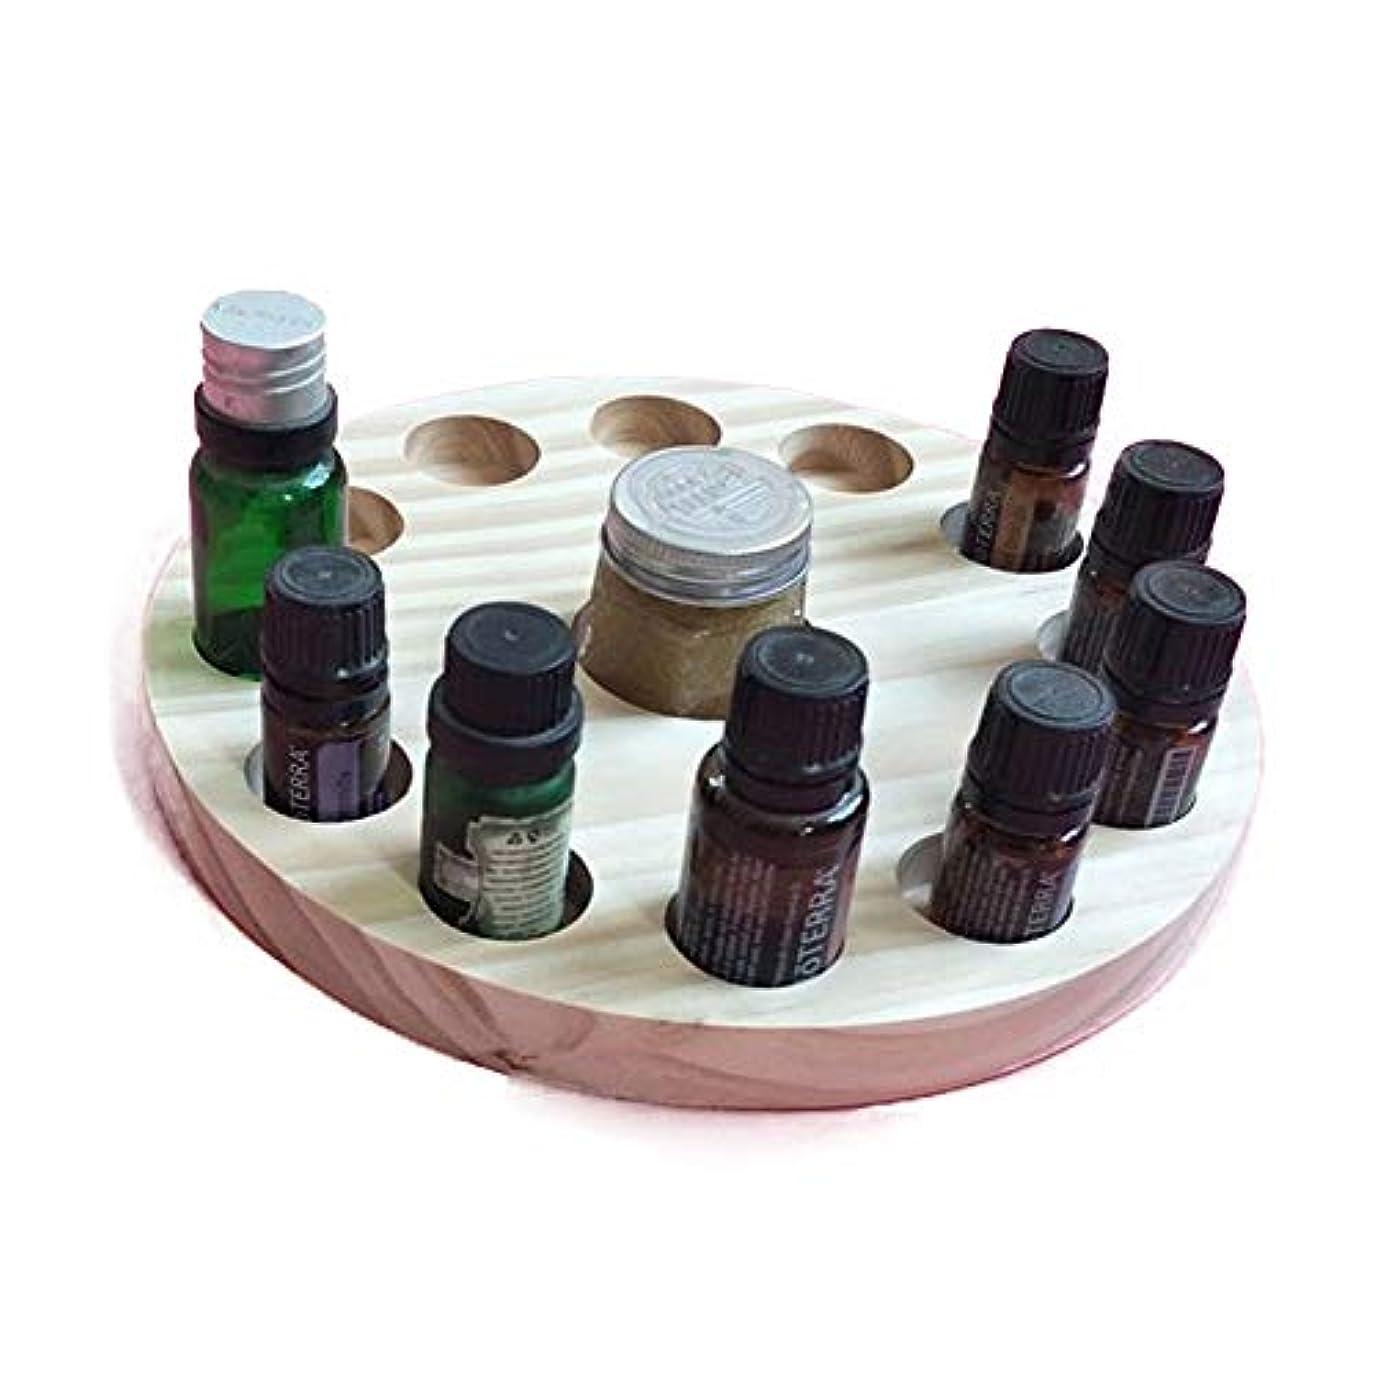 欠かせない剃る暴露13スロット木製エッセンシャルオイルストレージホルダーは12の10mlの油のボトルを保持します アロマセラピー製品 (色 : Natural, サイズ : Free size)